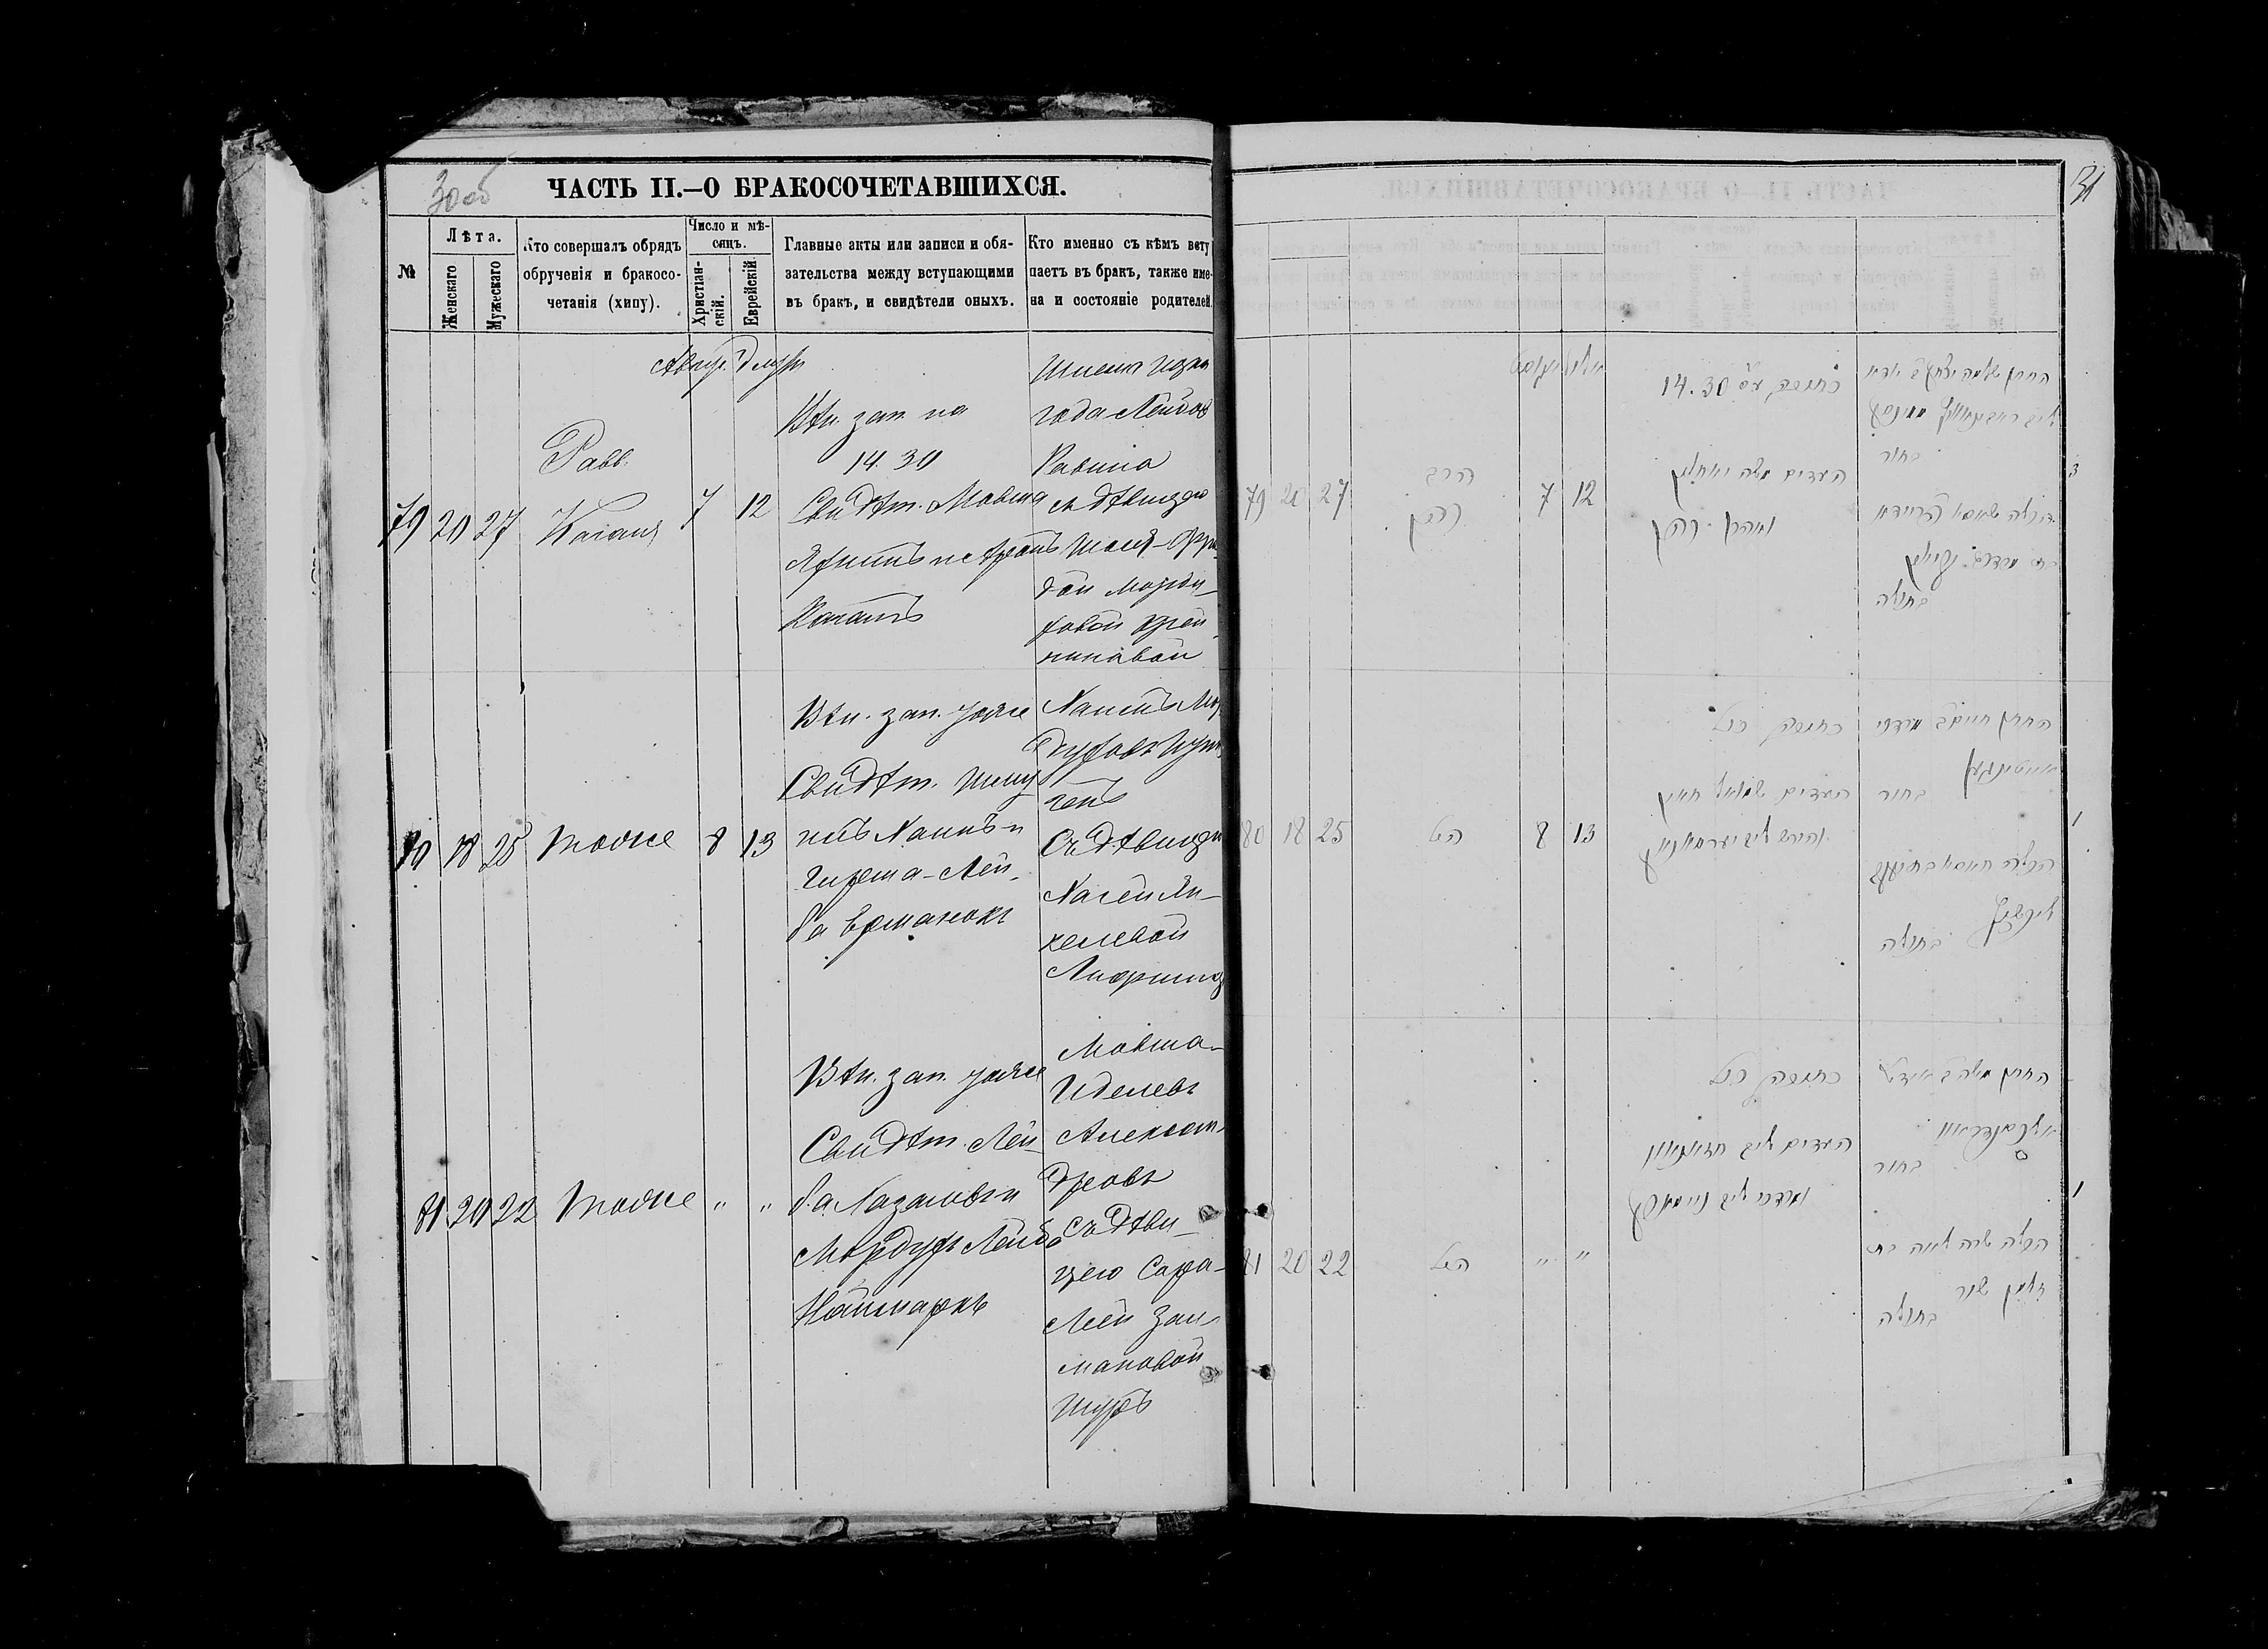 Мовша Иделев Александров с Сарой-Леей Залмановной Шур 8 августа 1880, запись 81, пленка 007766484, снимок 288